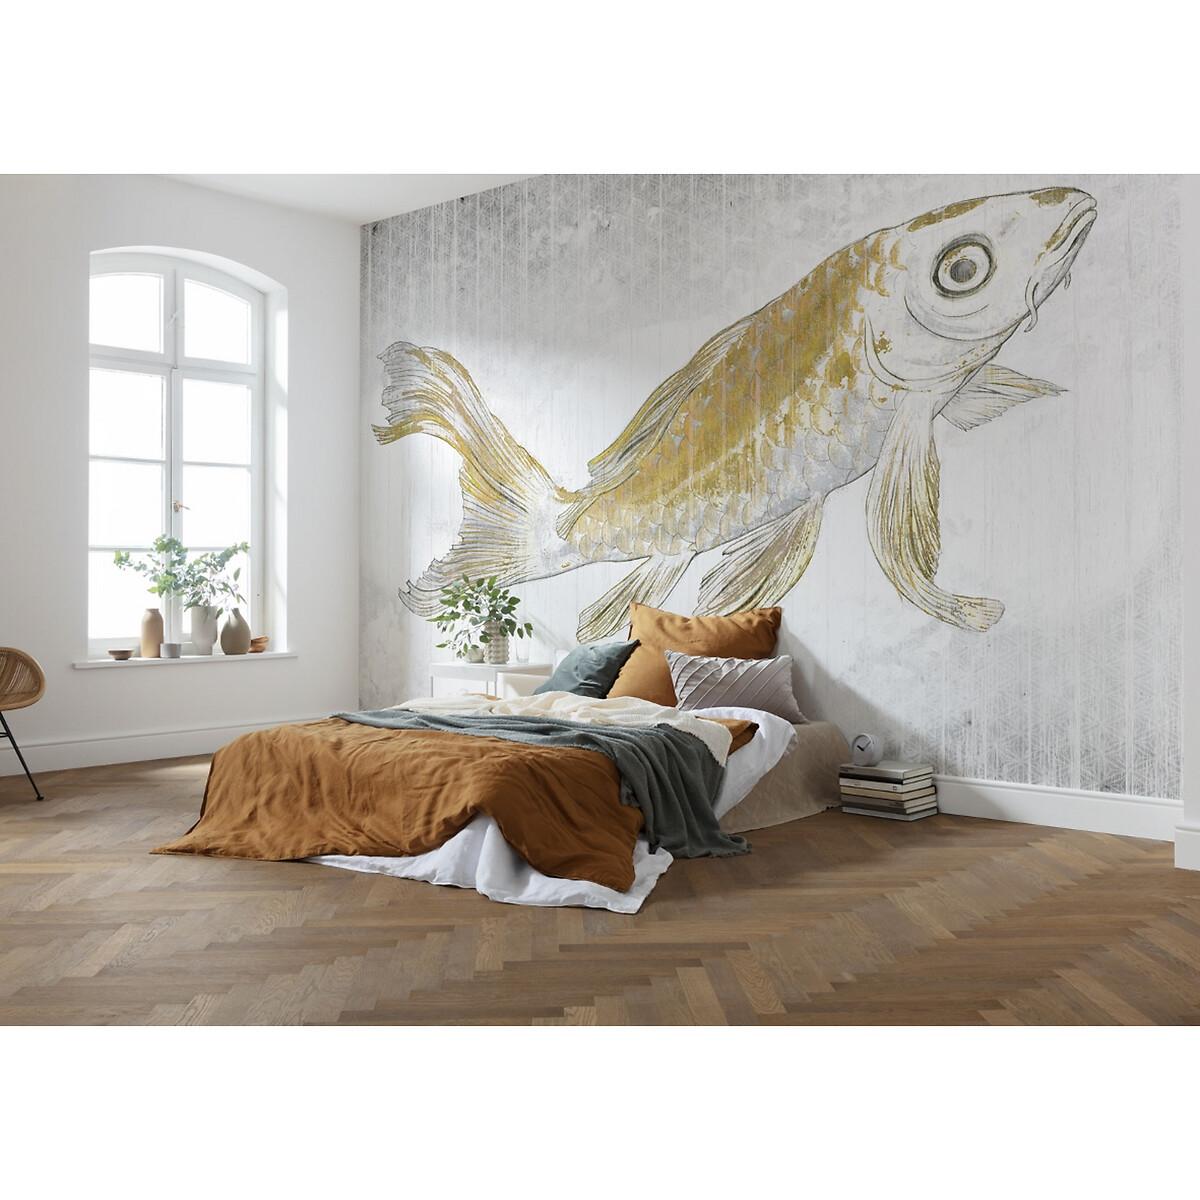 INTERELIFE - Interelife Papel de parede foto mural Golden Koi, da Interelife